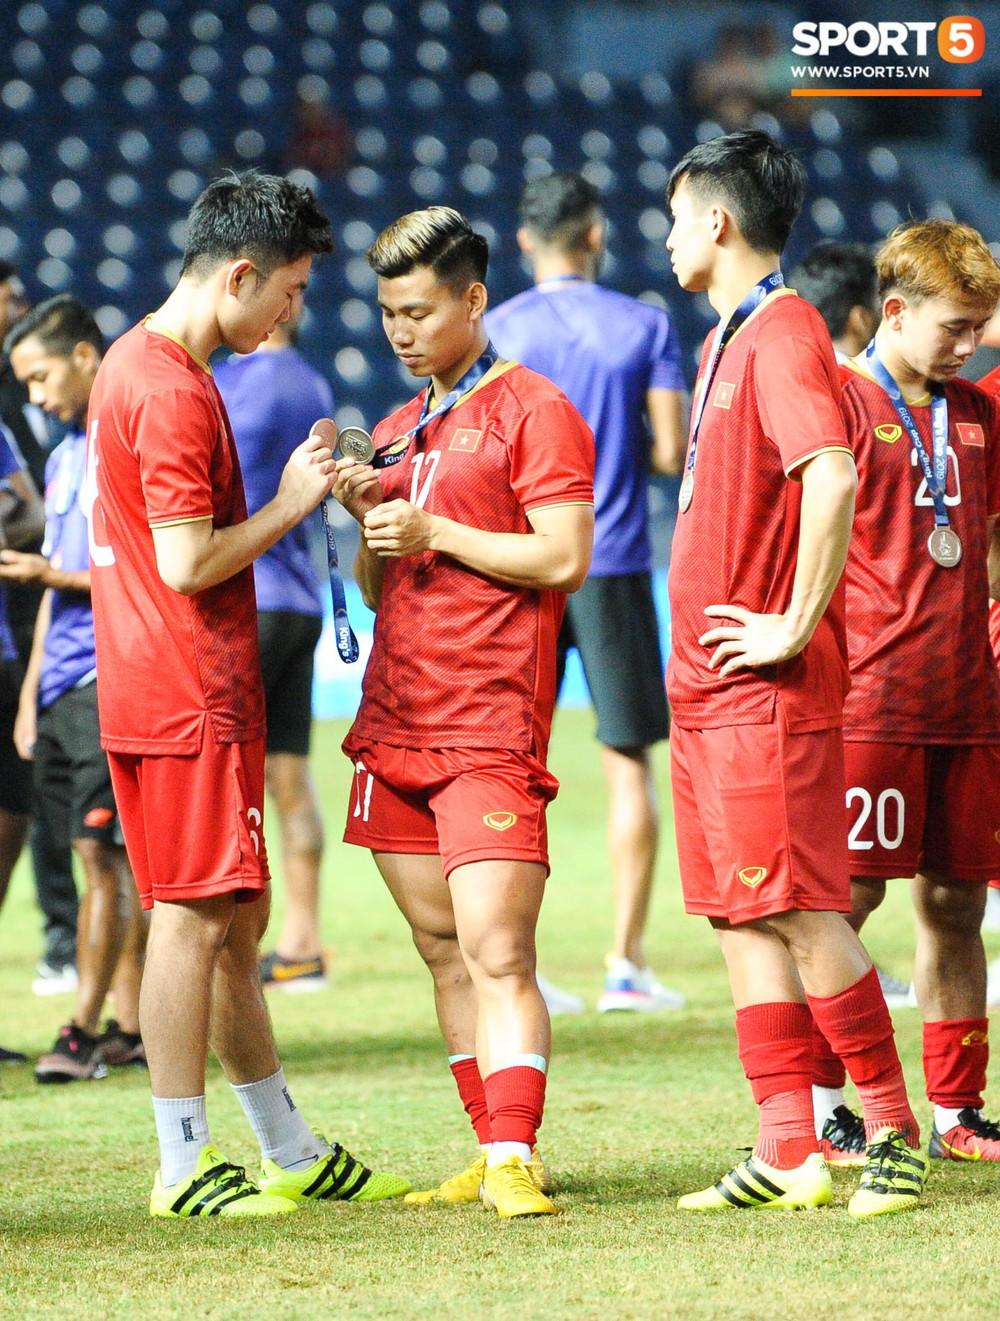 Góc làm gì cho đỡ buồn: Xuân Trường, Văn Thanh cắn huy chương, Tiến Dũng liếc team vô địch bằng ánh mắt hài hước - Ảnh 1.